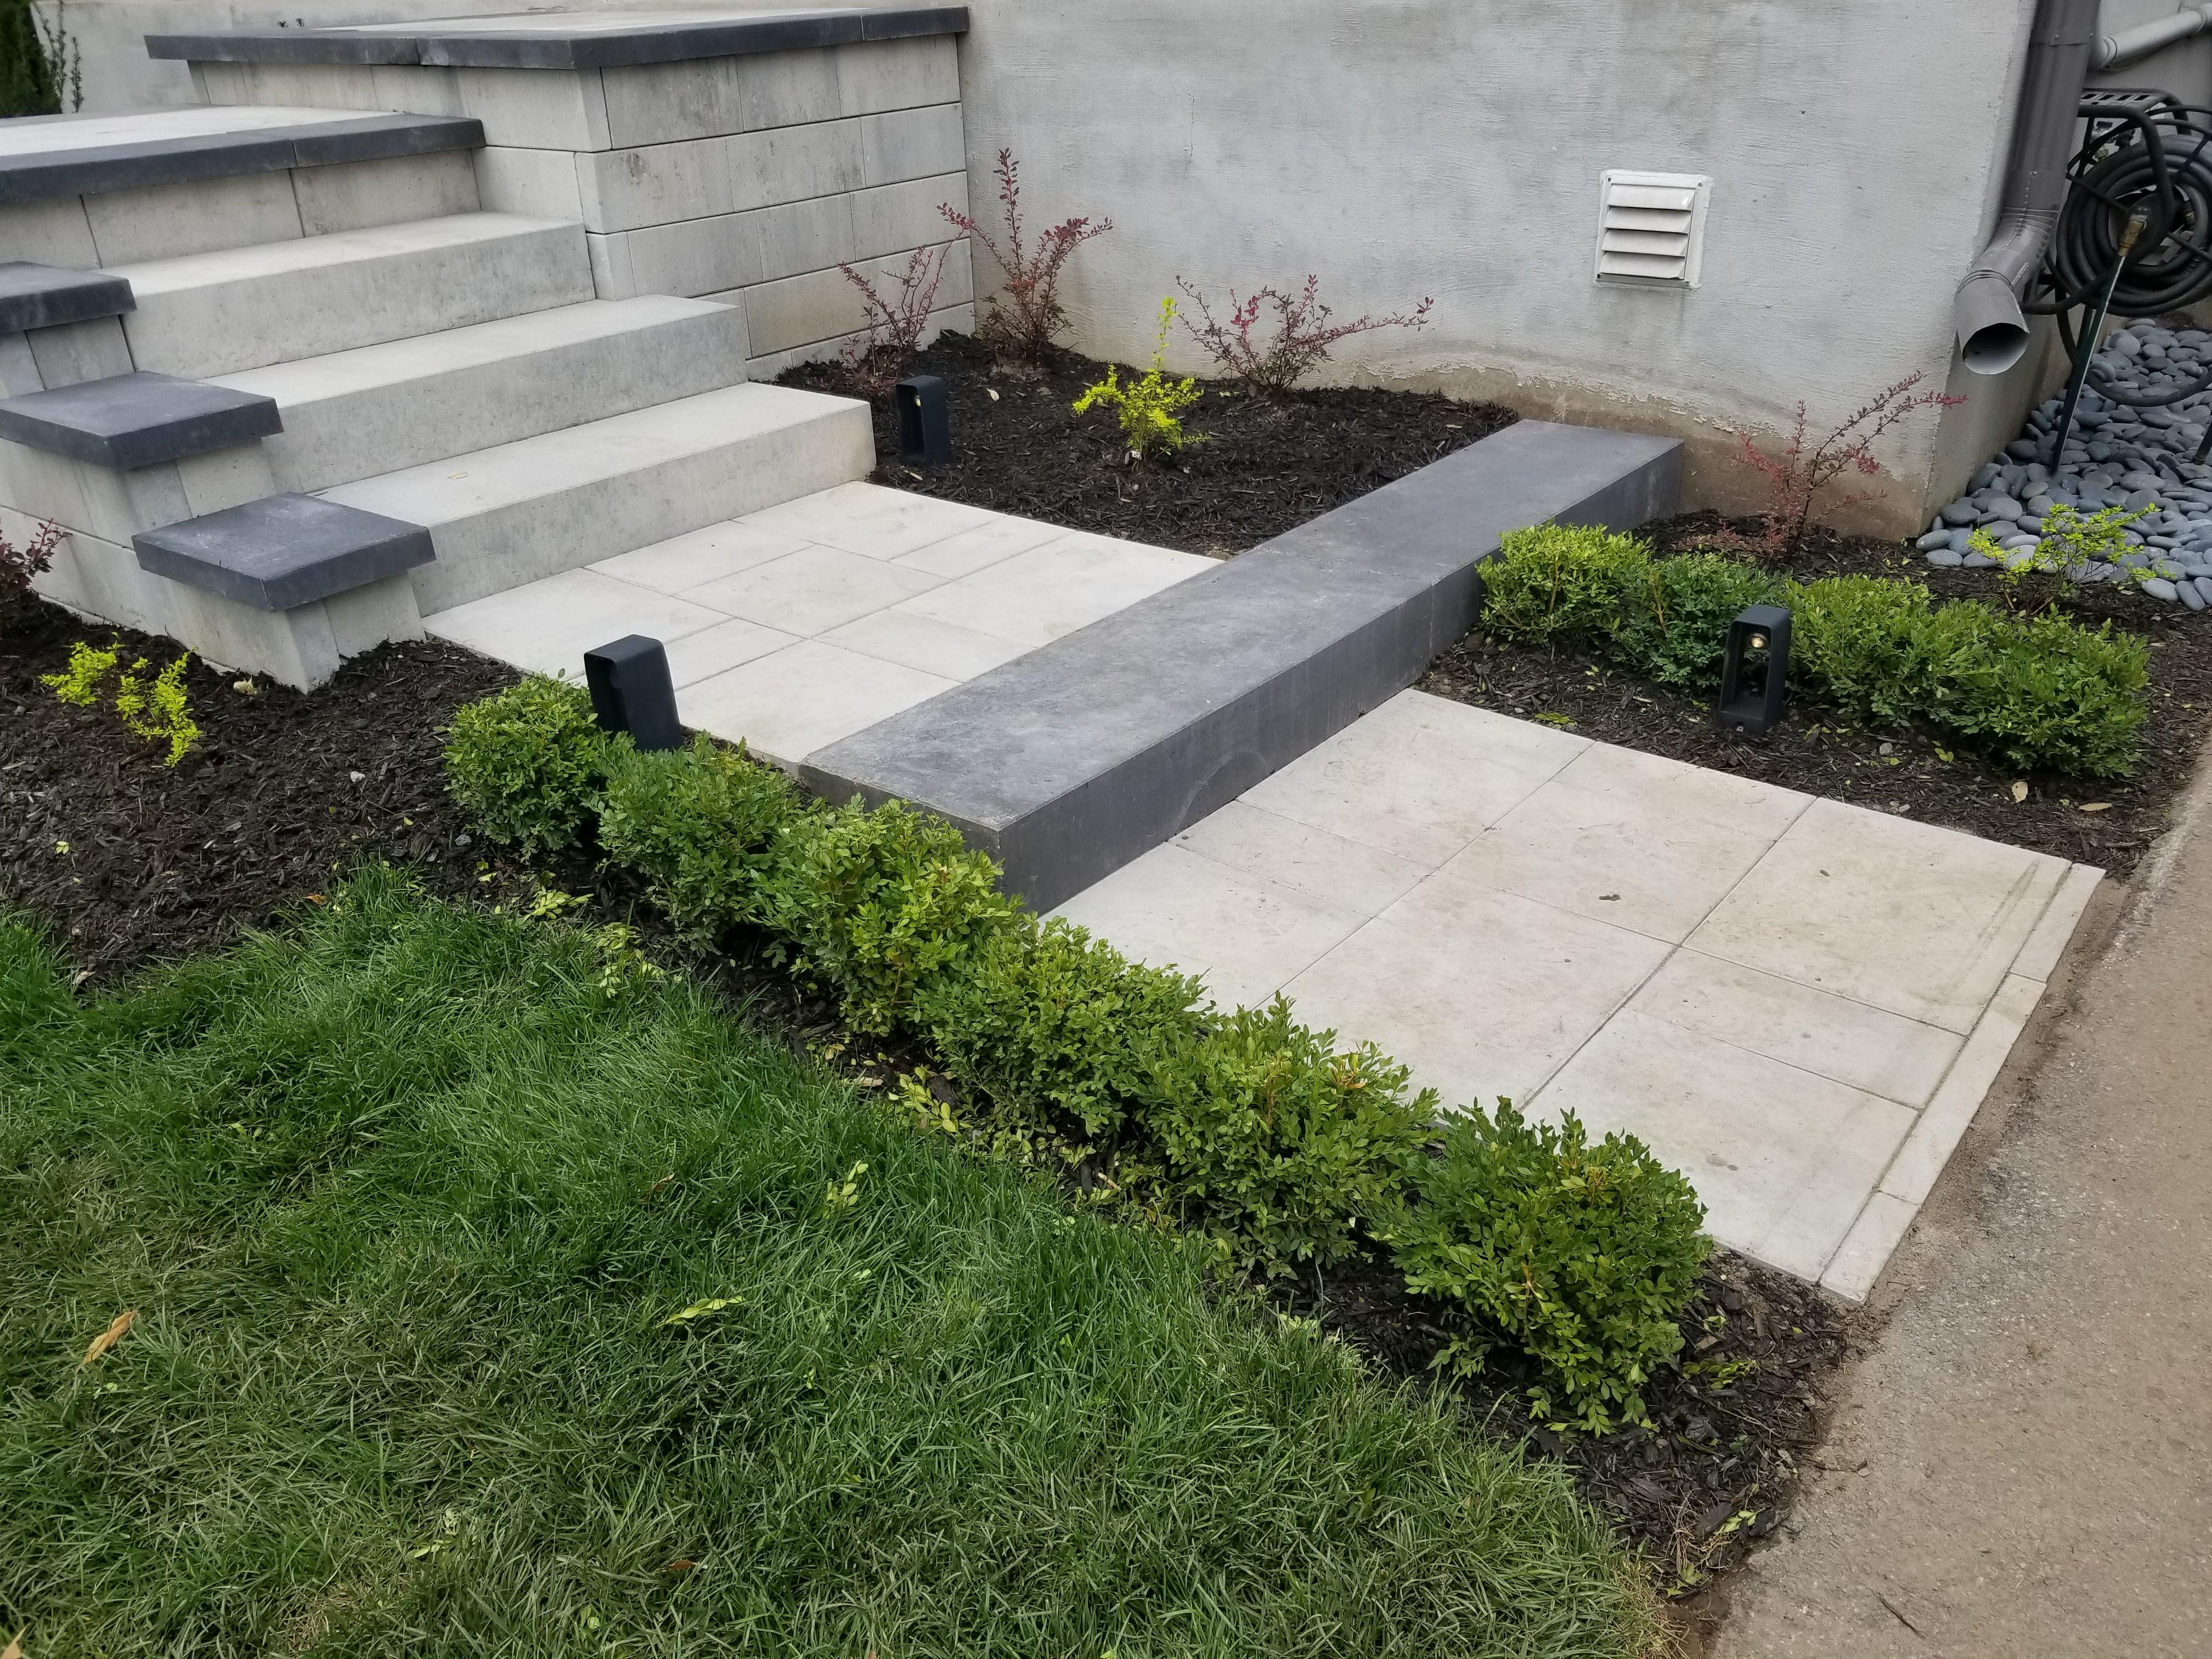 descente d'escalier en bloc de muret et marche modulaire